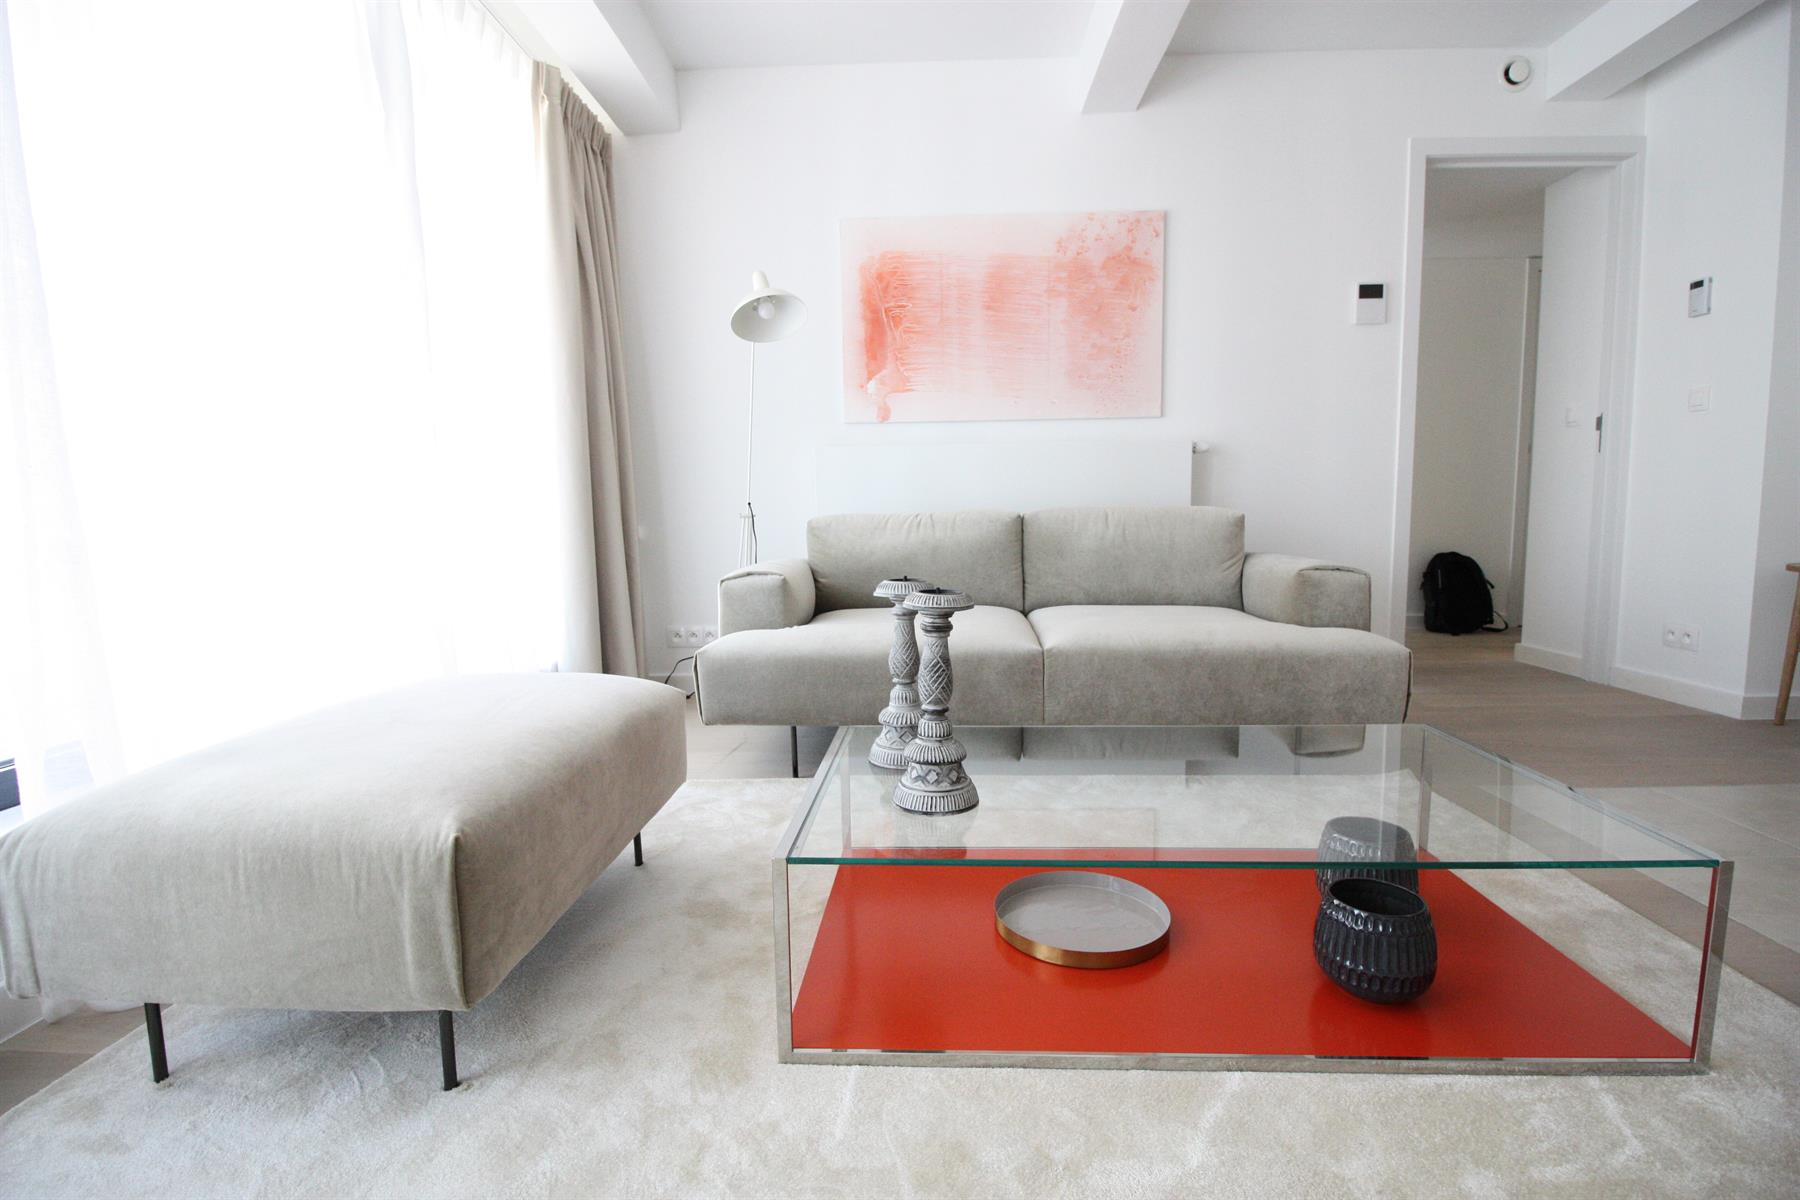 Flat - Ixelles - #4507510-13